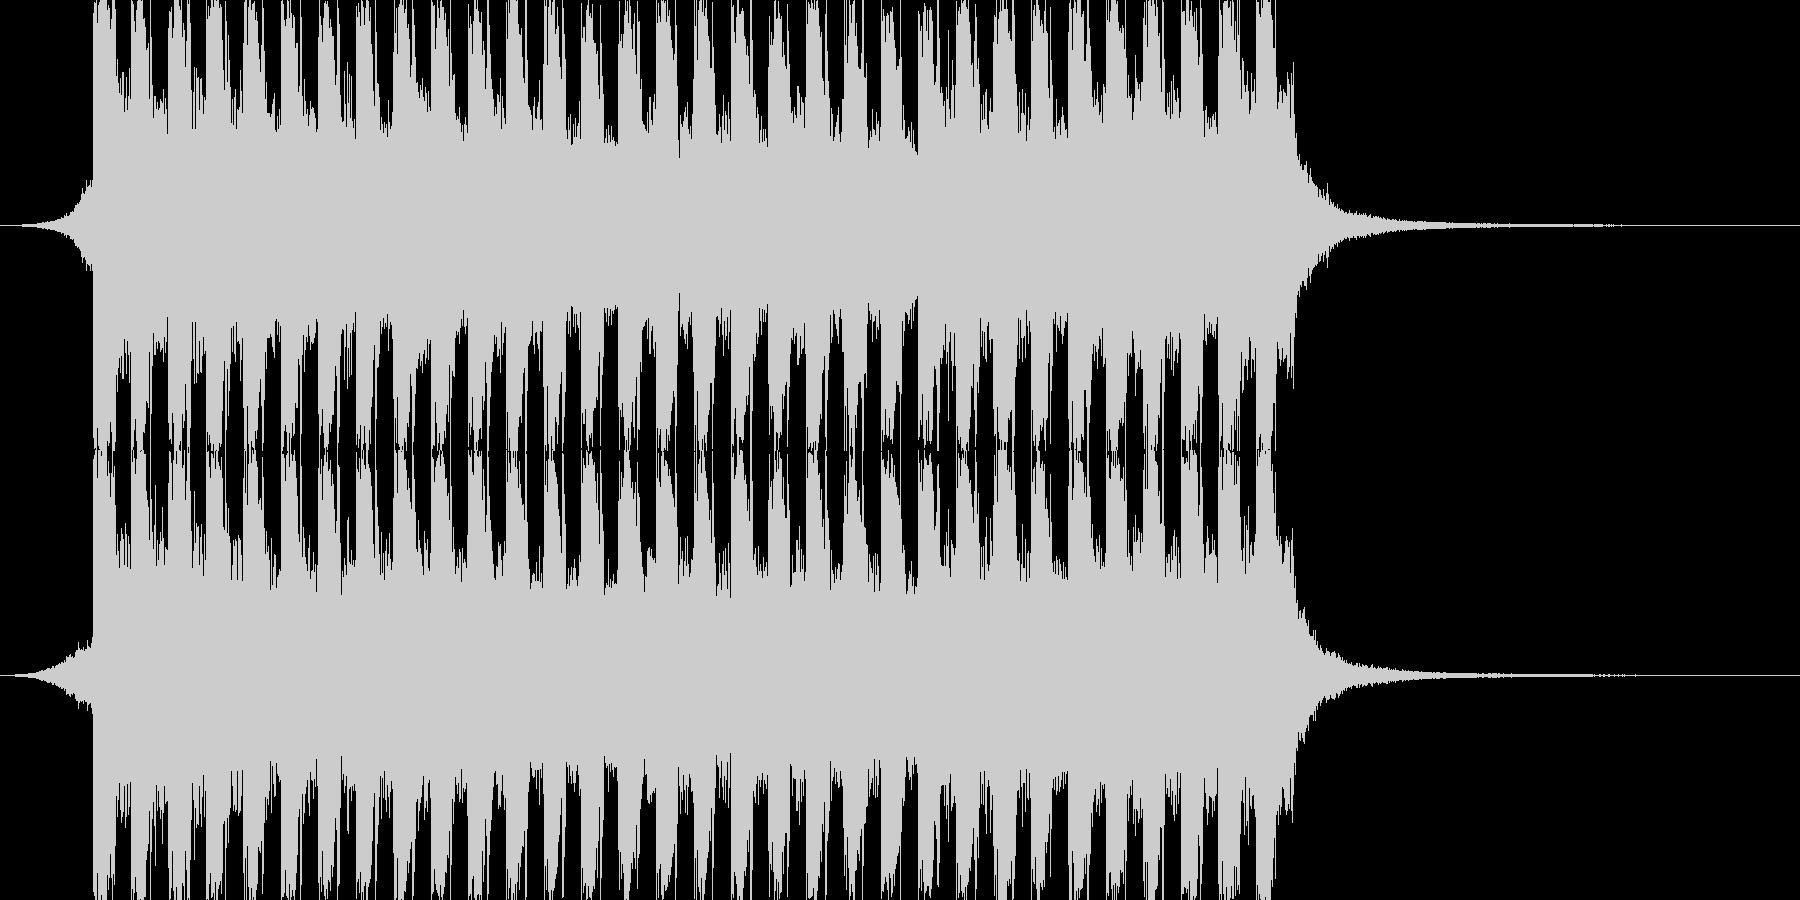 洋楽感のある夏らしいトロピカルハウス2の未再生の波形